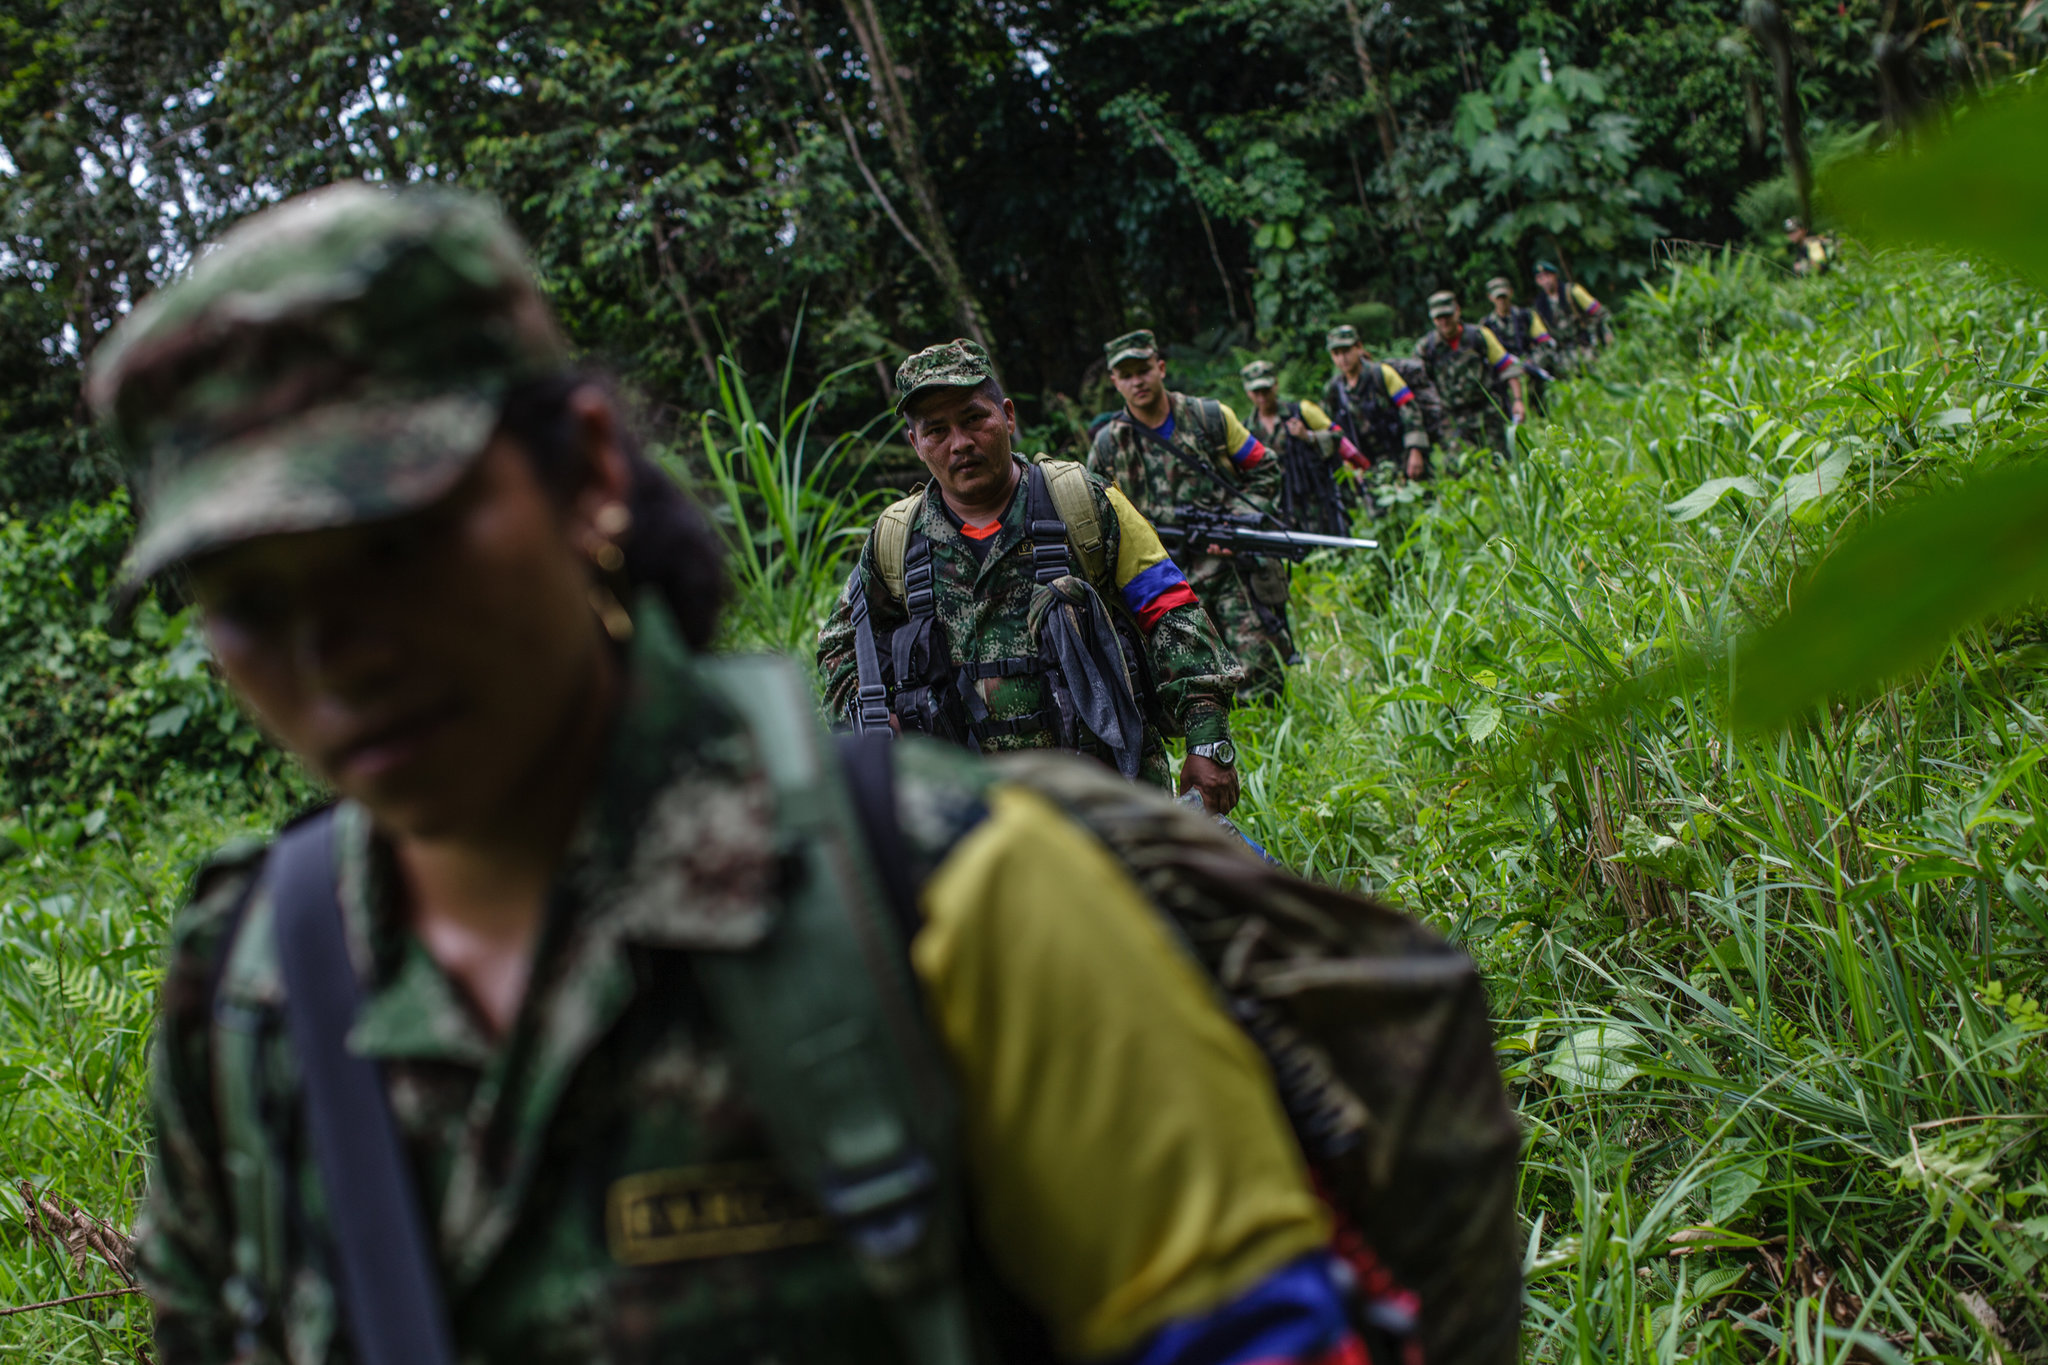 las fuerzas armadas revolucionarias de colombia history essay Los grupos guerrilleros mas importantes son las fuerzas armadas revolucionarias de colombia (farc) y el ejercito de liberacion nacional (eln) estan integrados por un numero aproximado de 11000 a 17000 combatientes permanentes organizados en mas de 100 grupos semiautonomous.